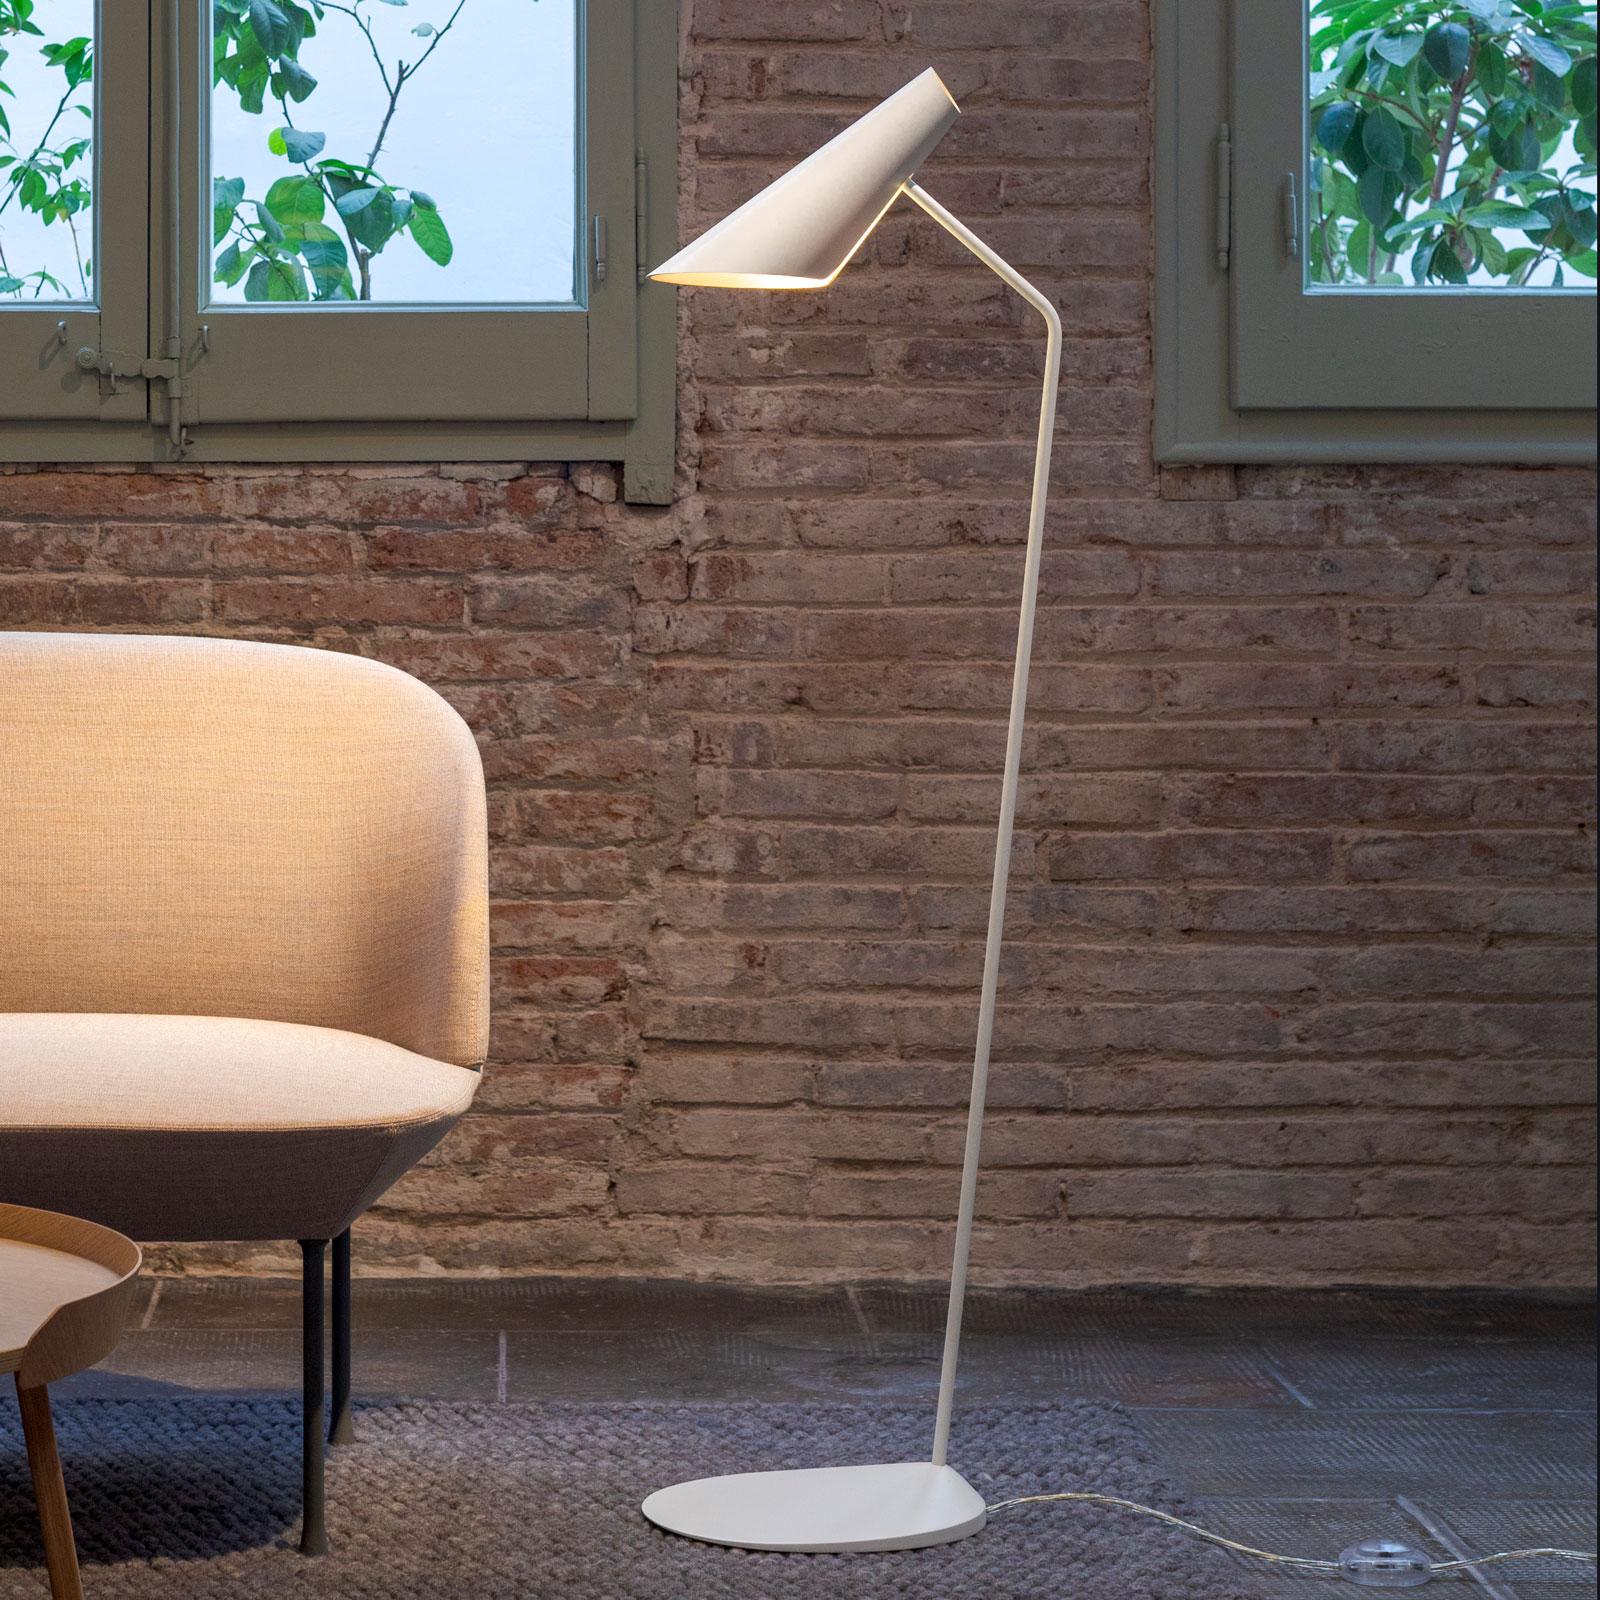 Billede af Vibia I.Cono 0712 designer-gulvlampe, hvid